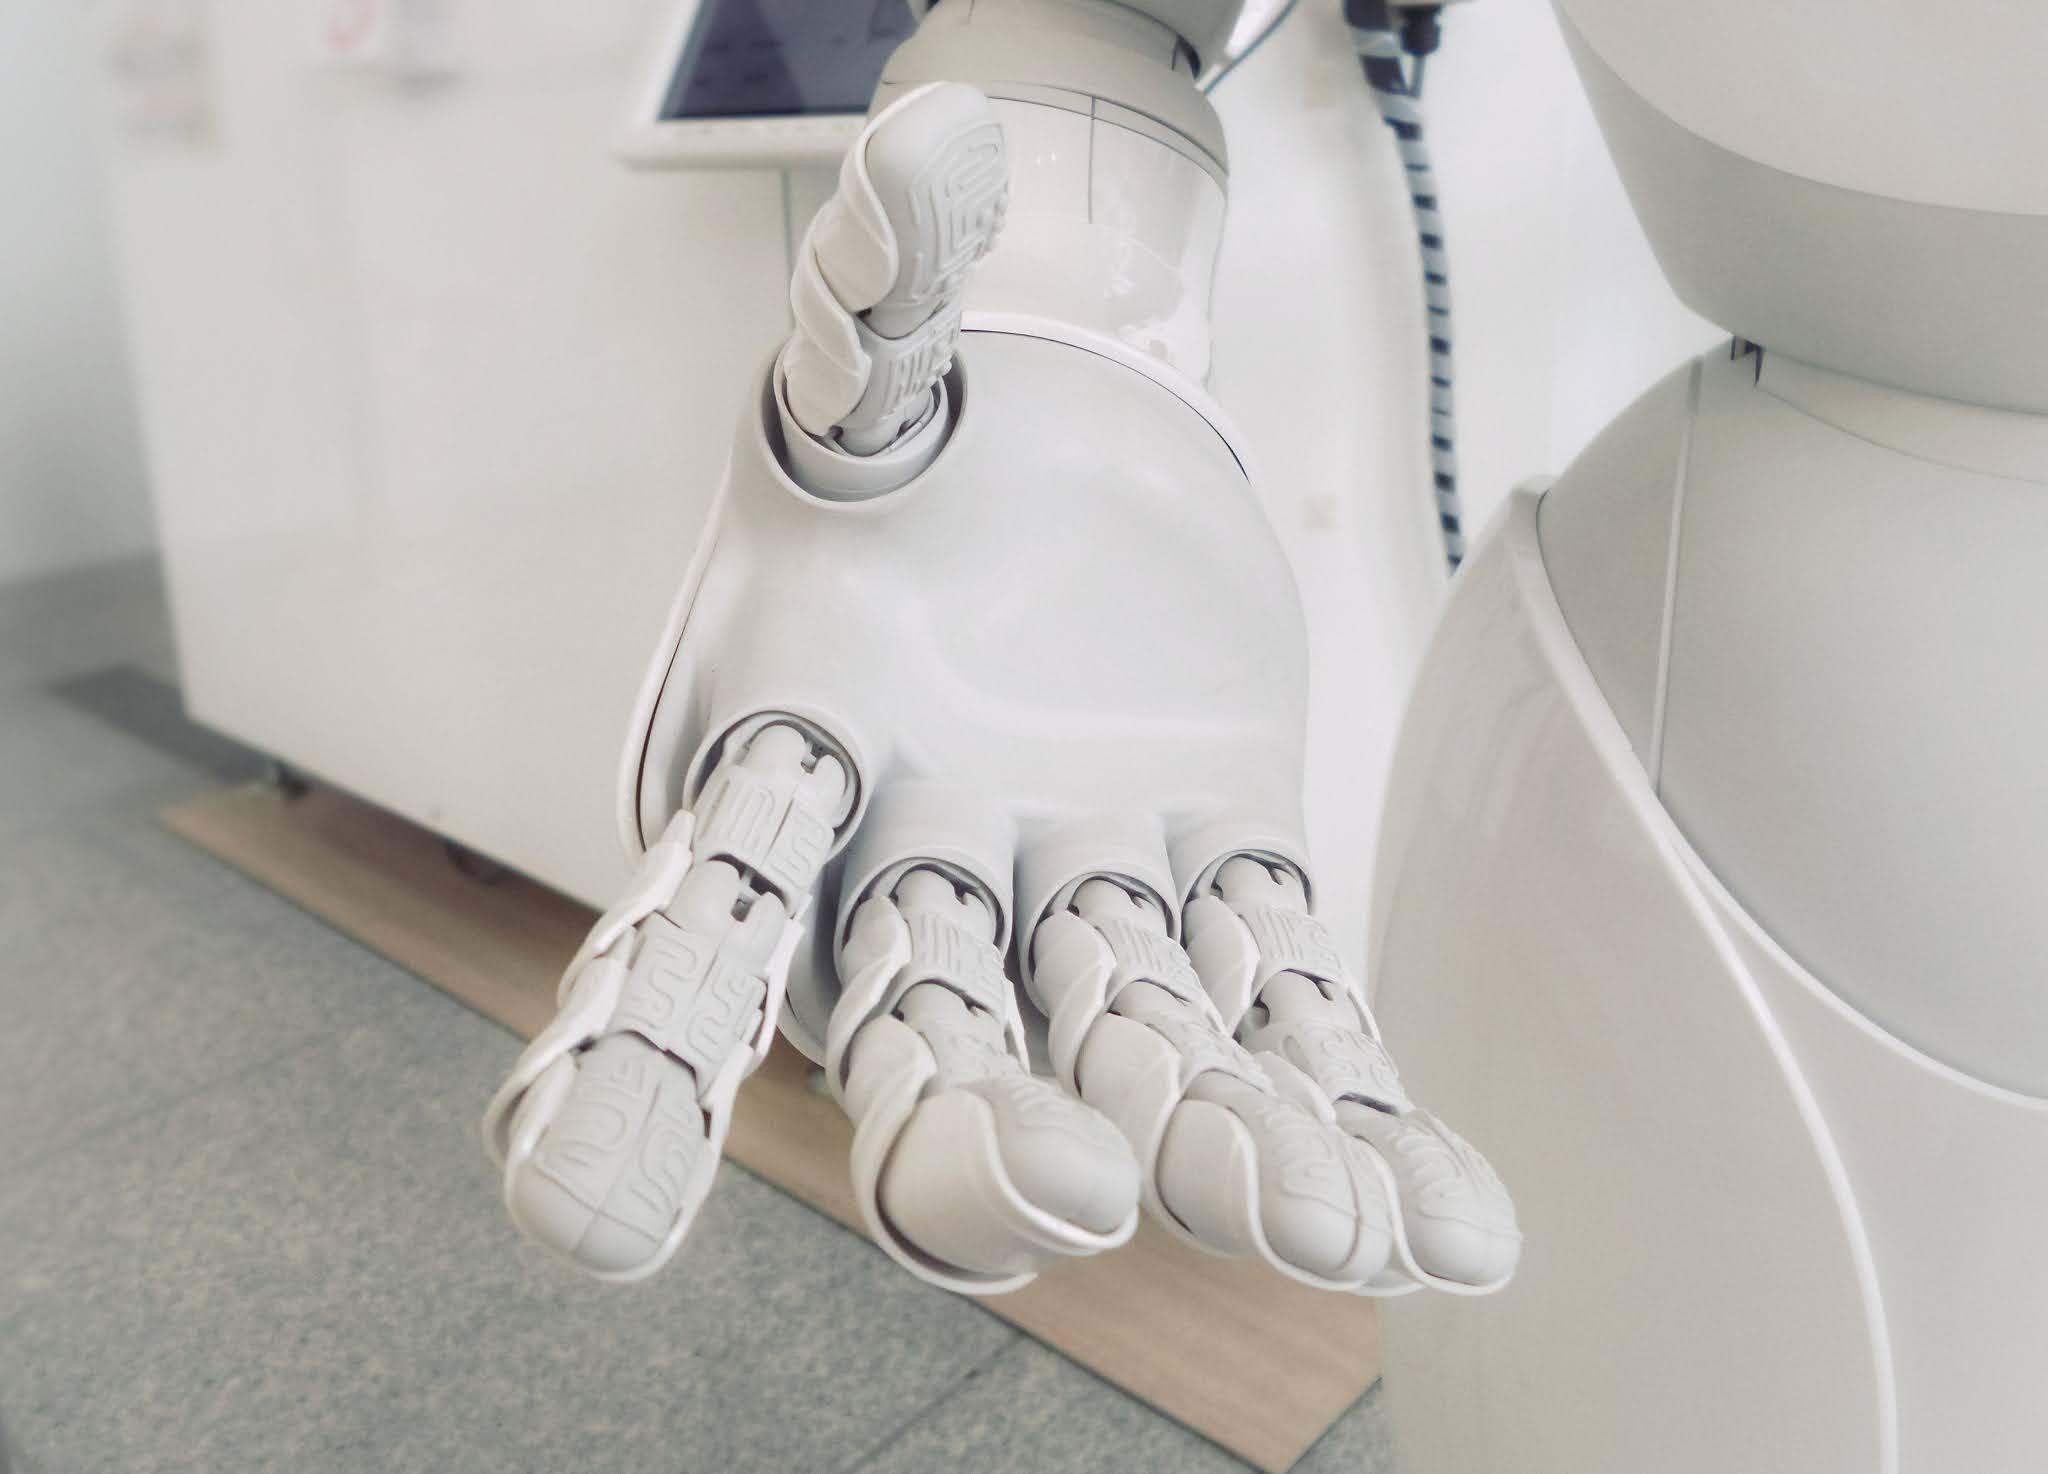 La ayuda del robot